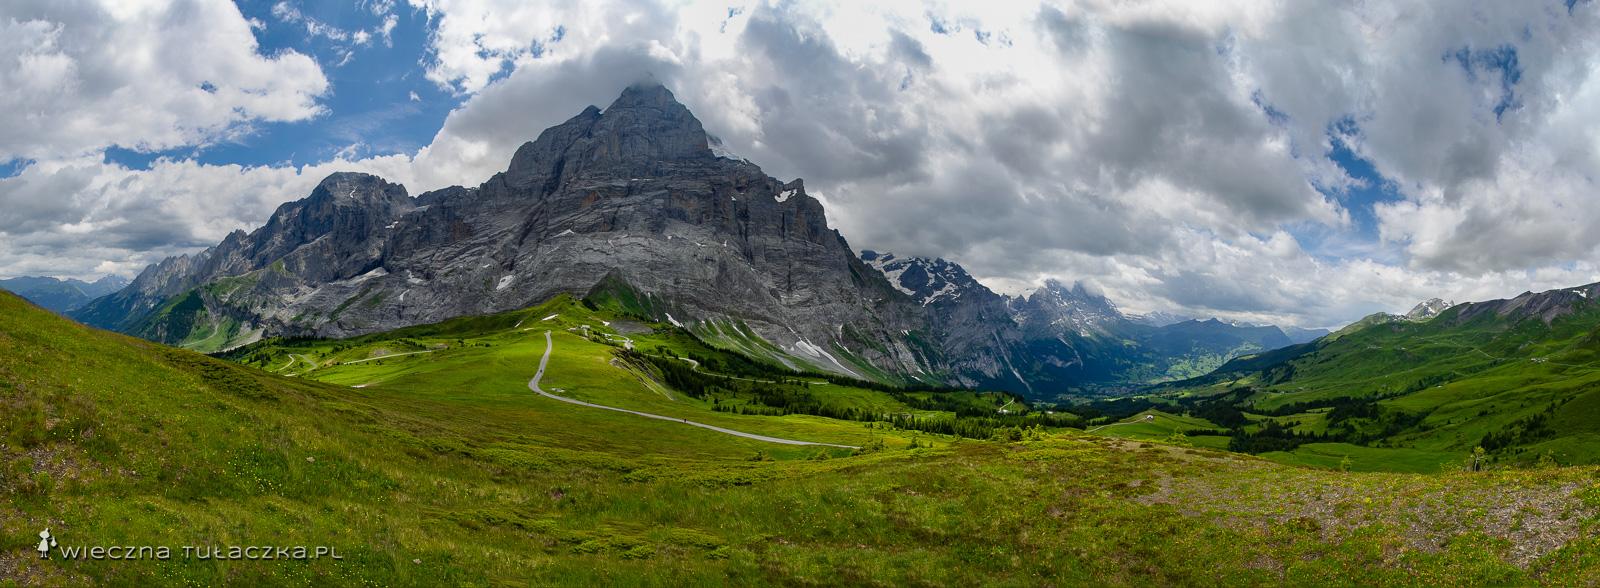 Panorama z Grosse Scheidegg, Szwajcaria